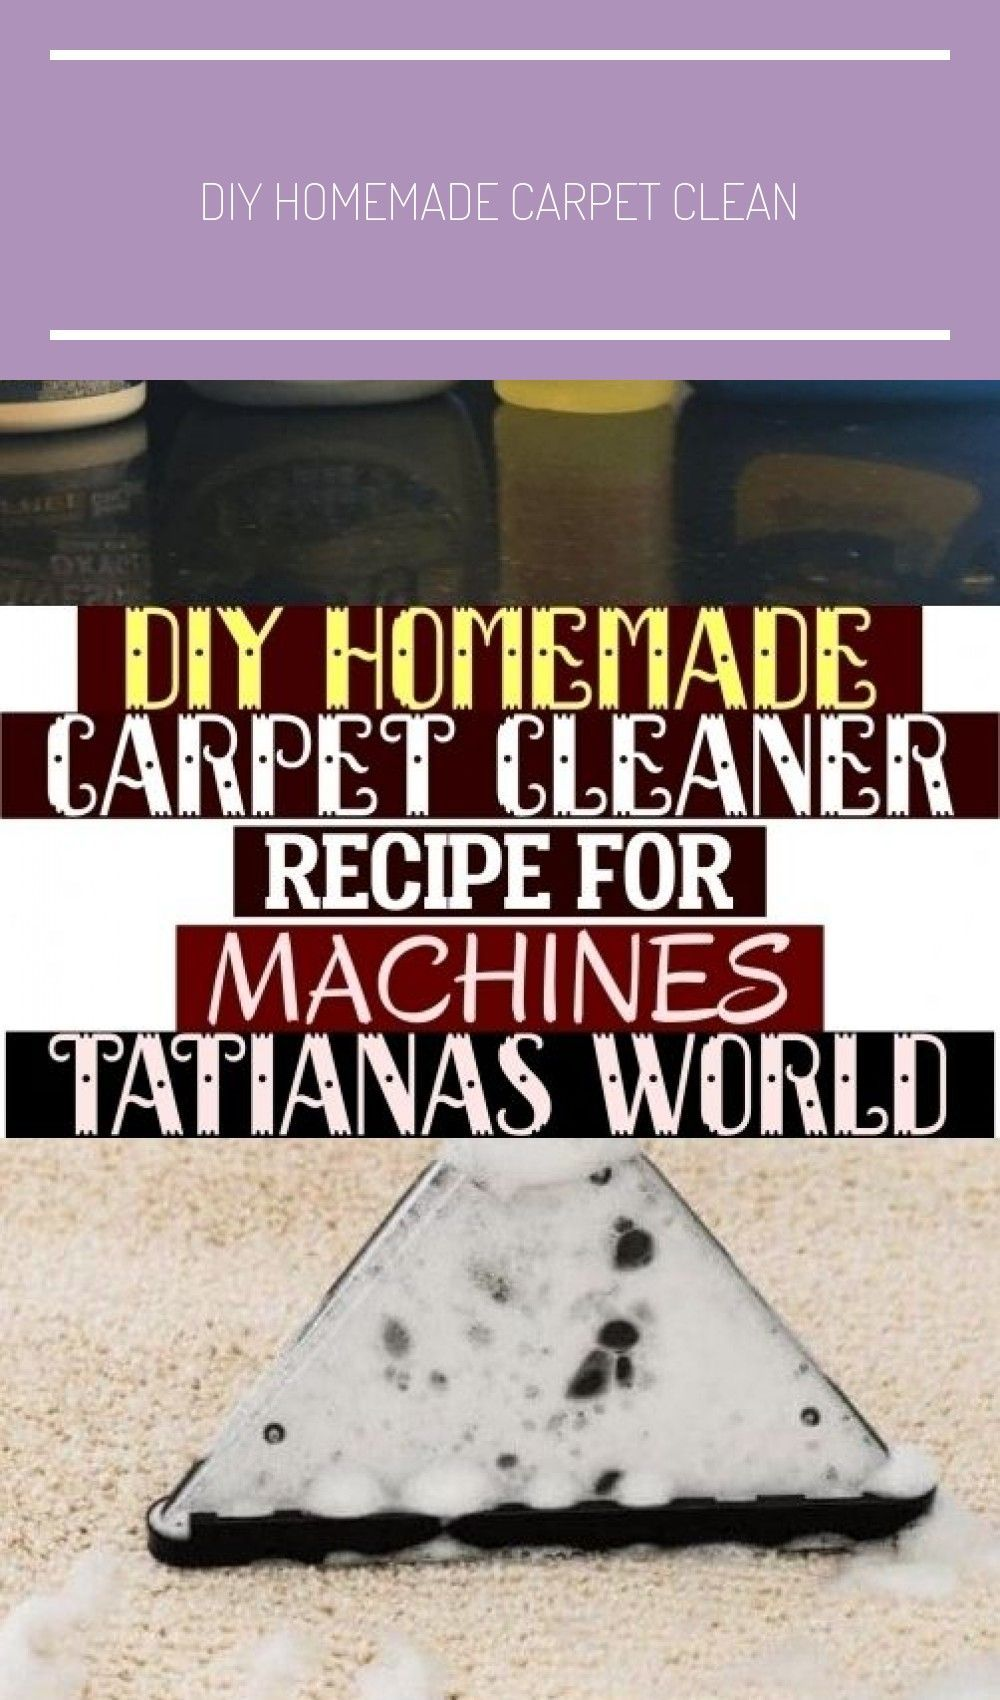 Diy Homemade Carpet Cleaner Recipe For Machines Tatiana's World & #carpetcleaner...,  #Carpet #carpetcleaner #Cleaner #DIY #Homemade #Machines #Recipe #Tatianas #World